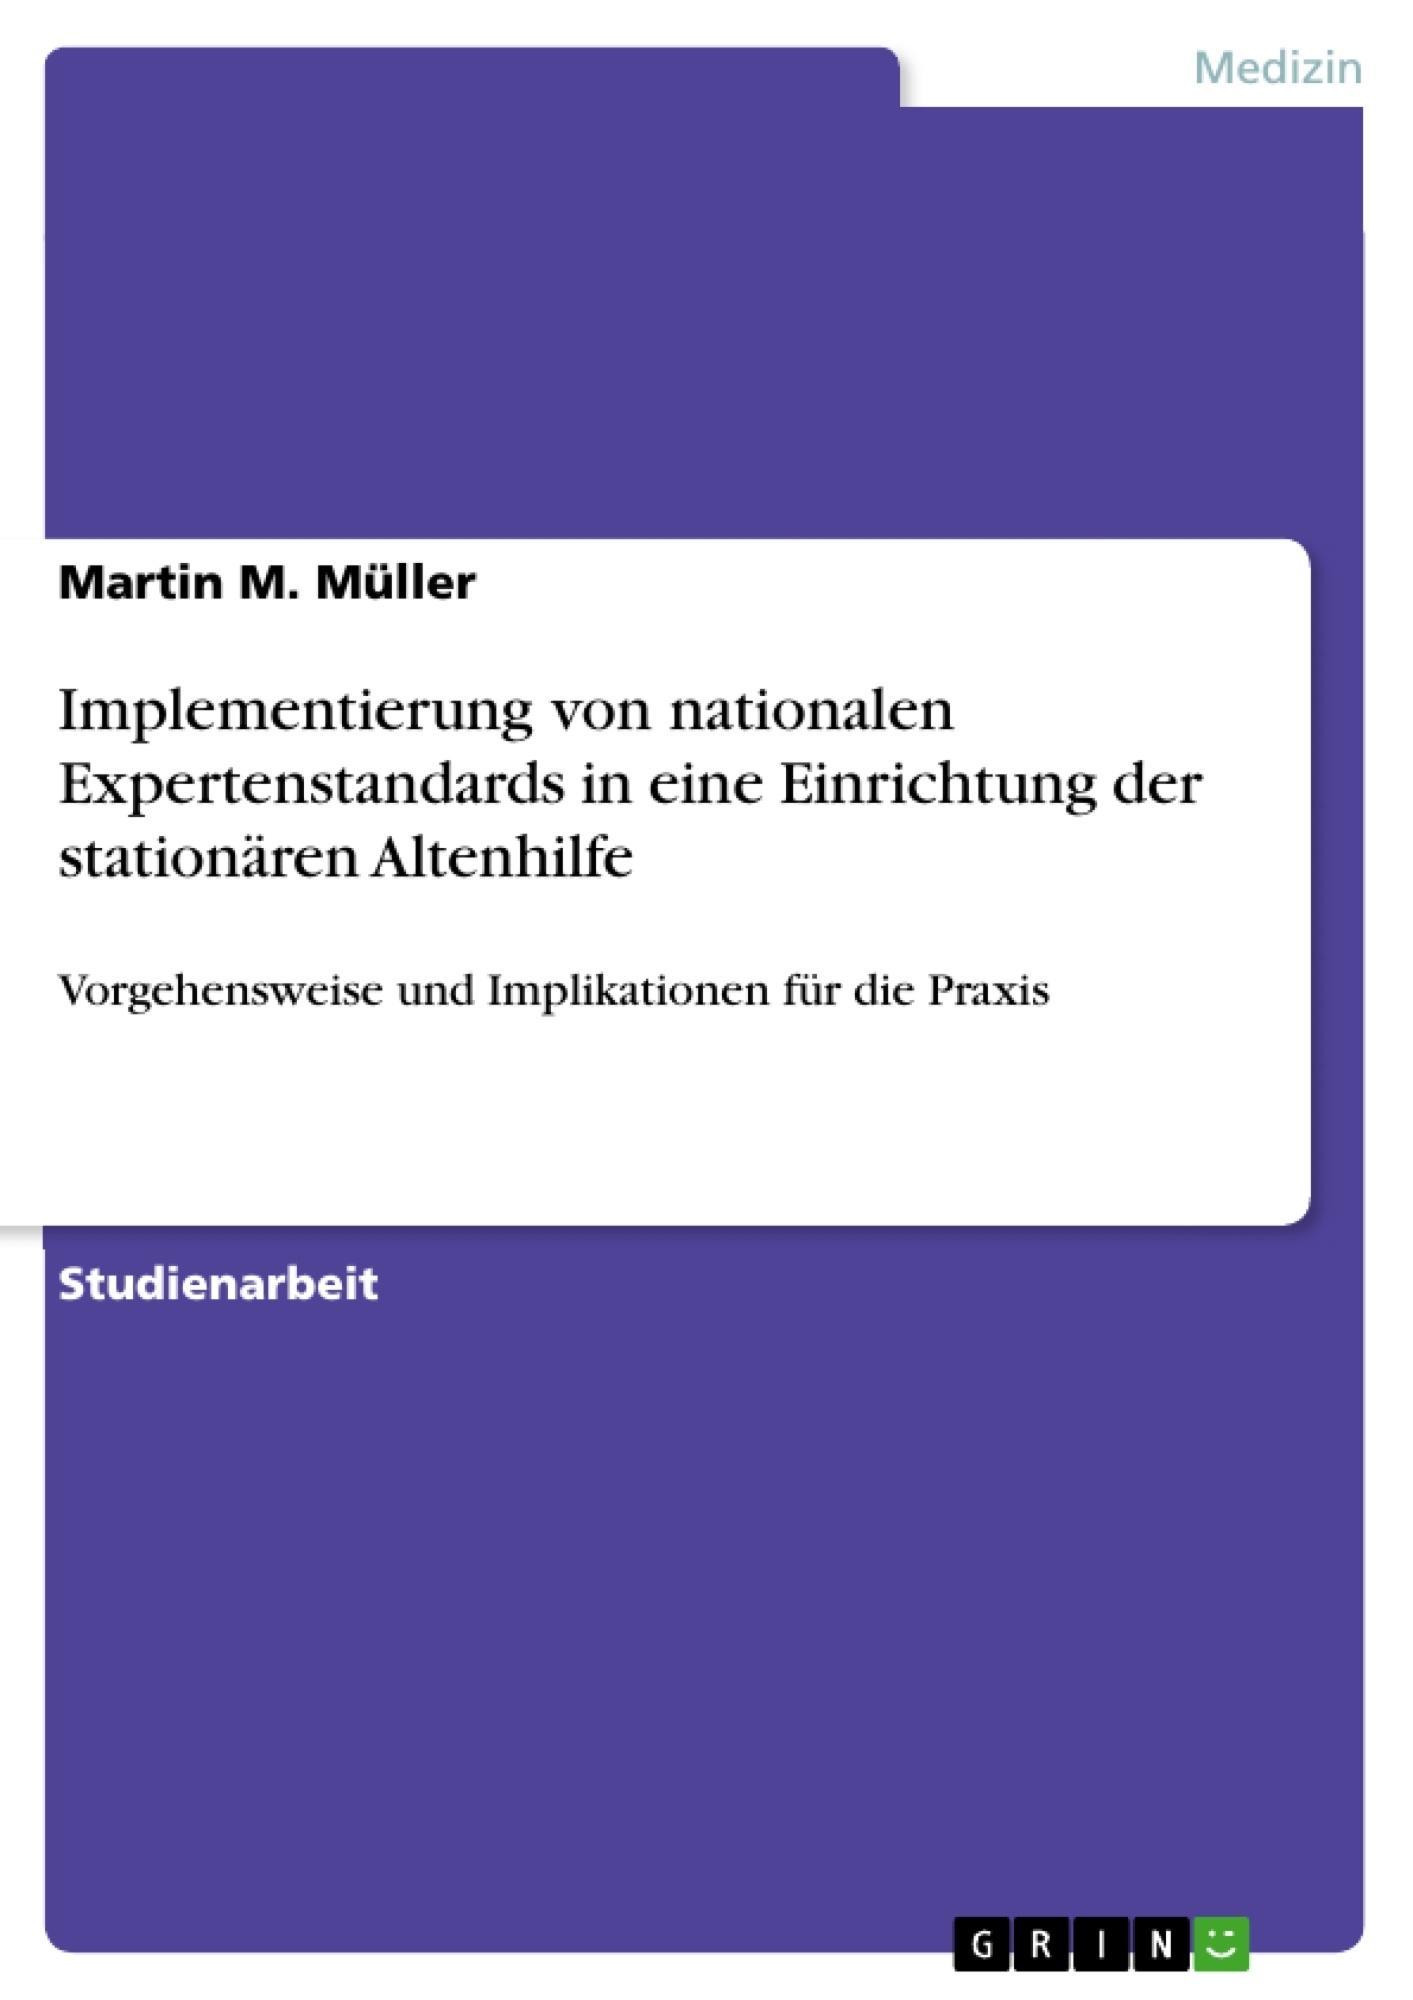 Titel: Implementierung von nationalen Expertenstandards in eine Einrichtung der stationären Altenhilfe